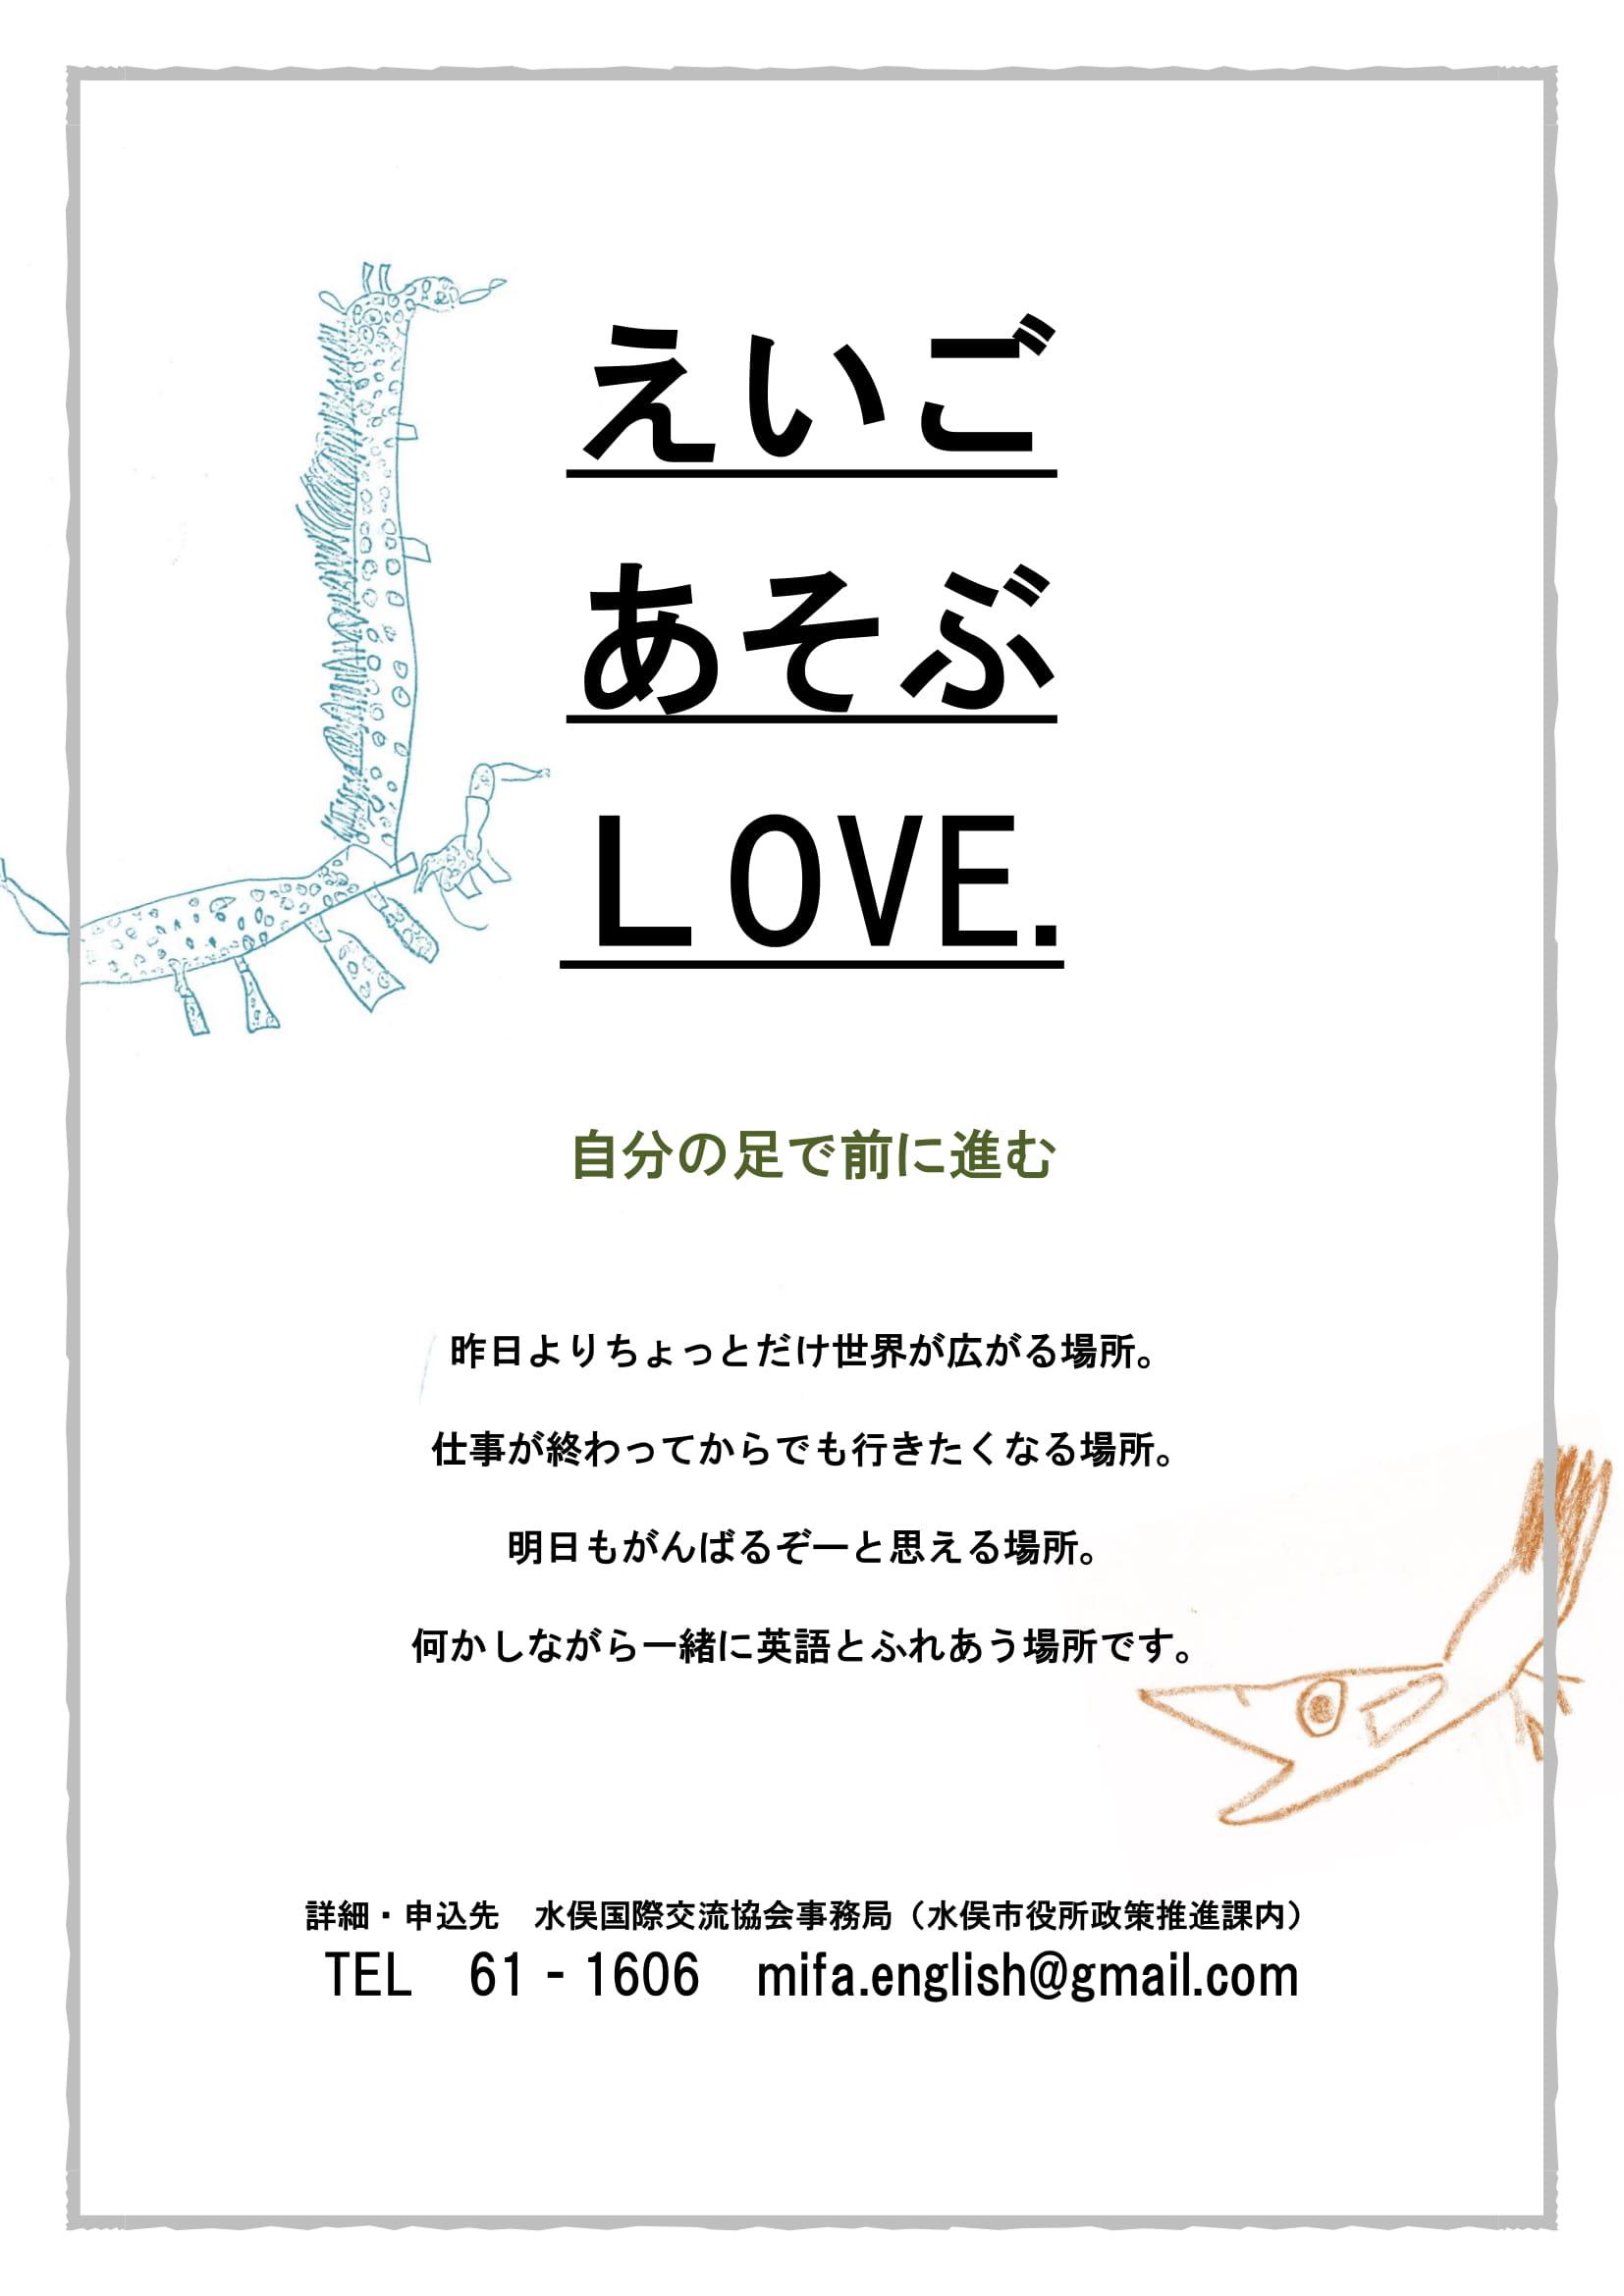 最終版 (1)-1.jpg